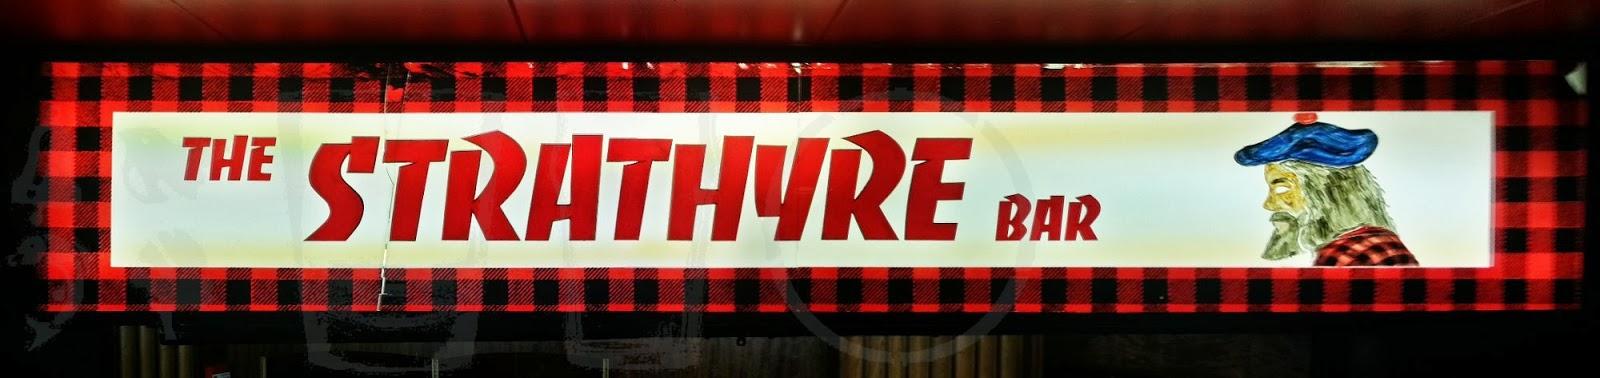 Strathyre Bar, Barrowlands, Glasgow